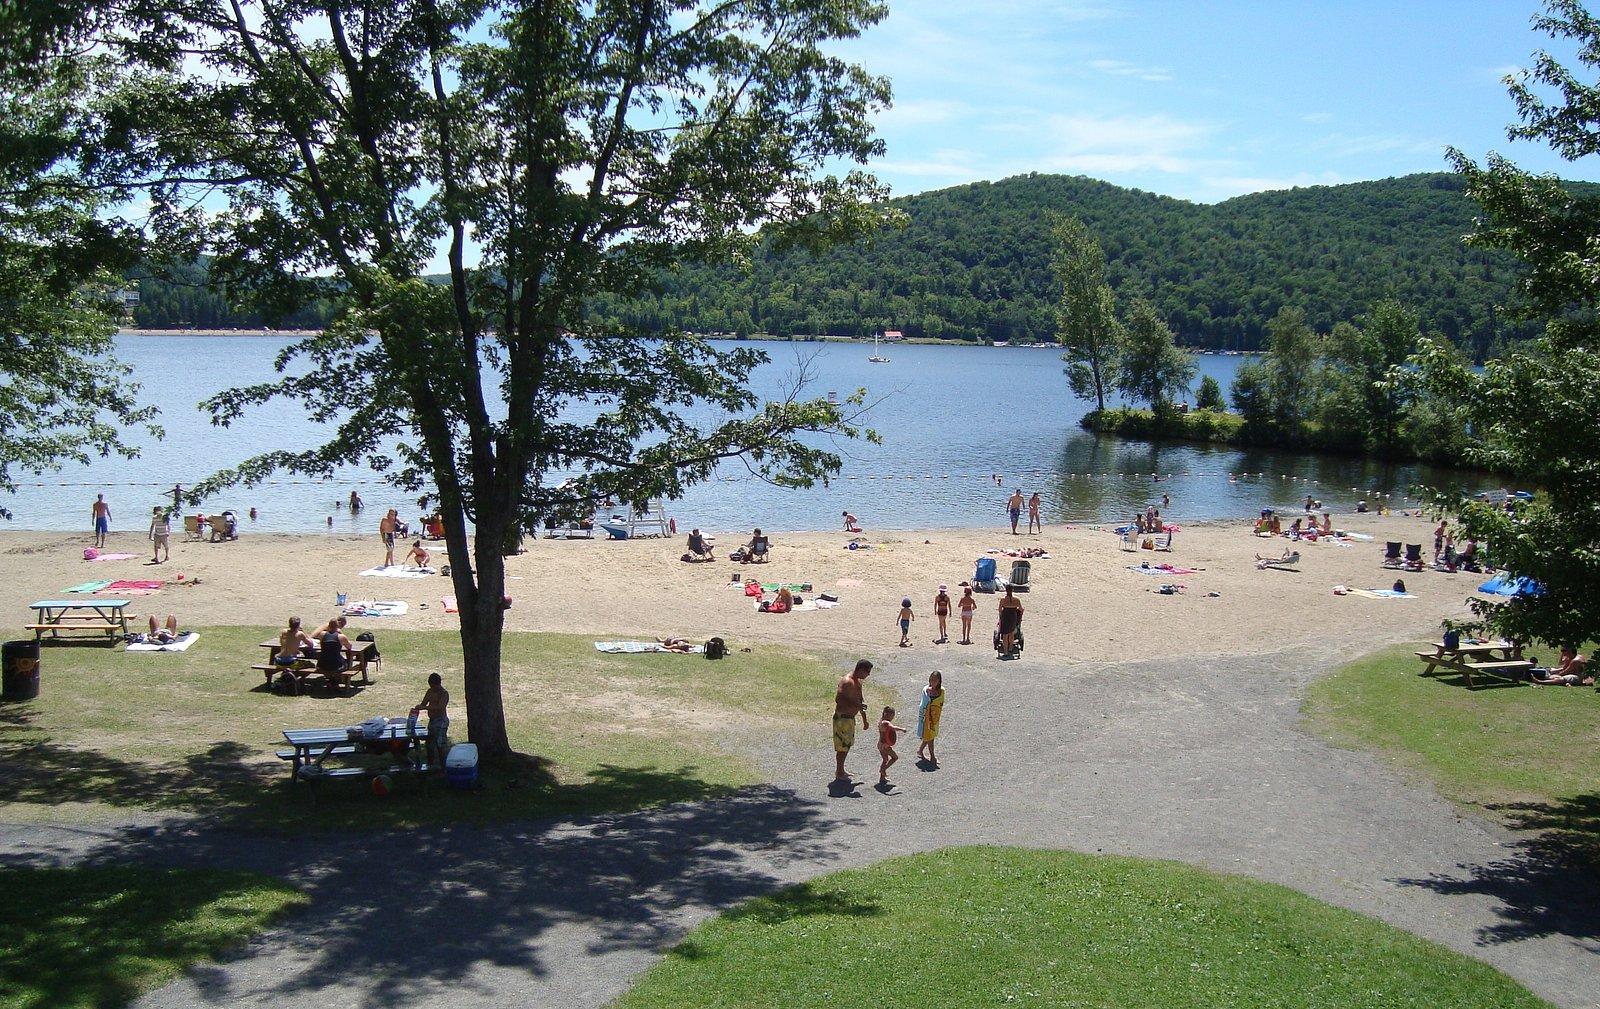 Plage Tessier, Lac des Sables Sainte-Agathe-des-Monts